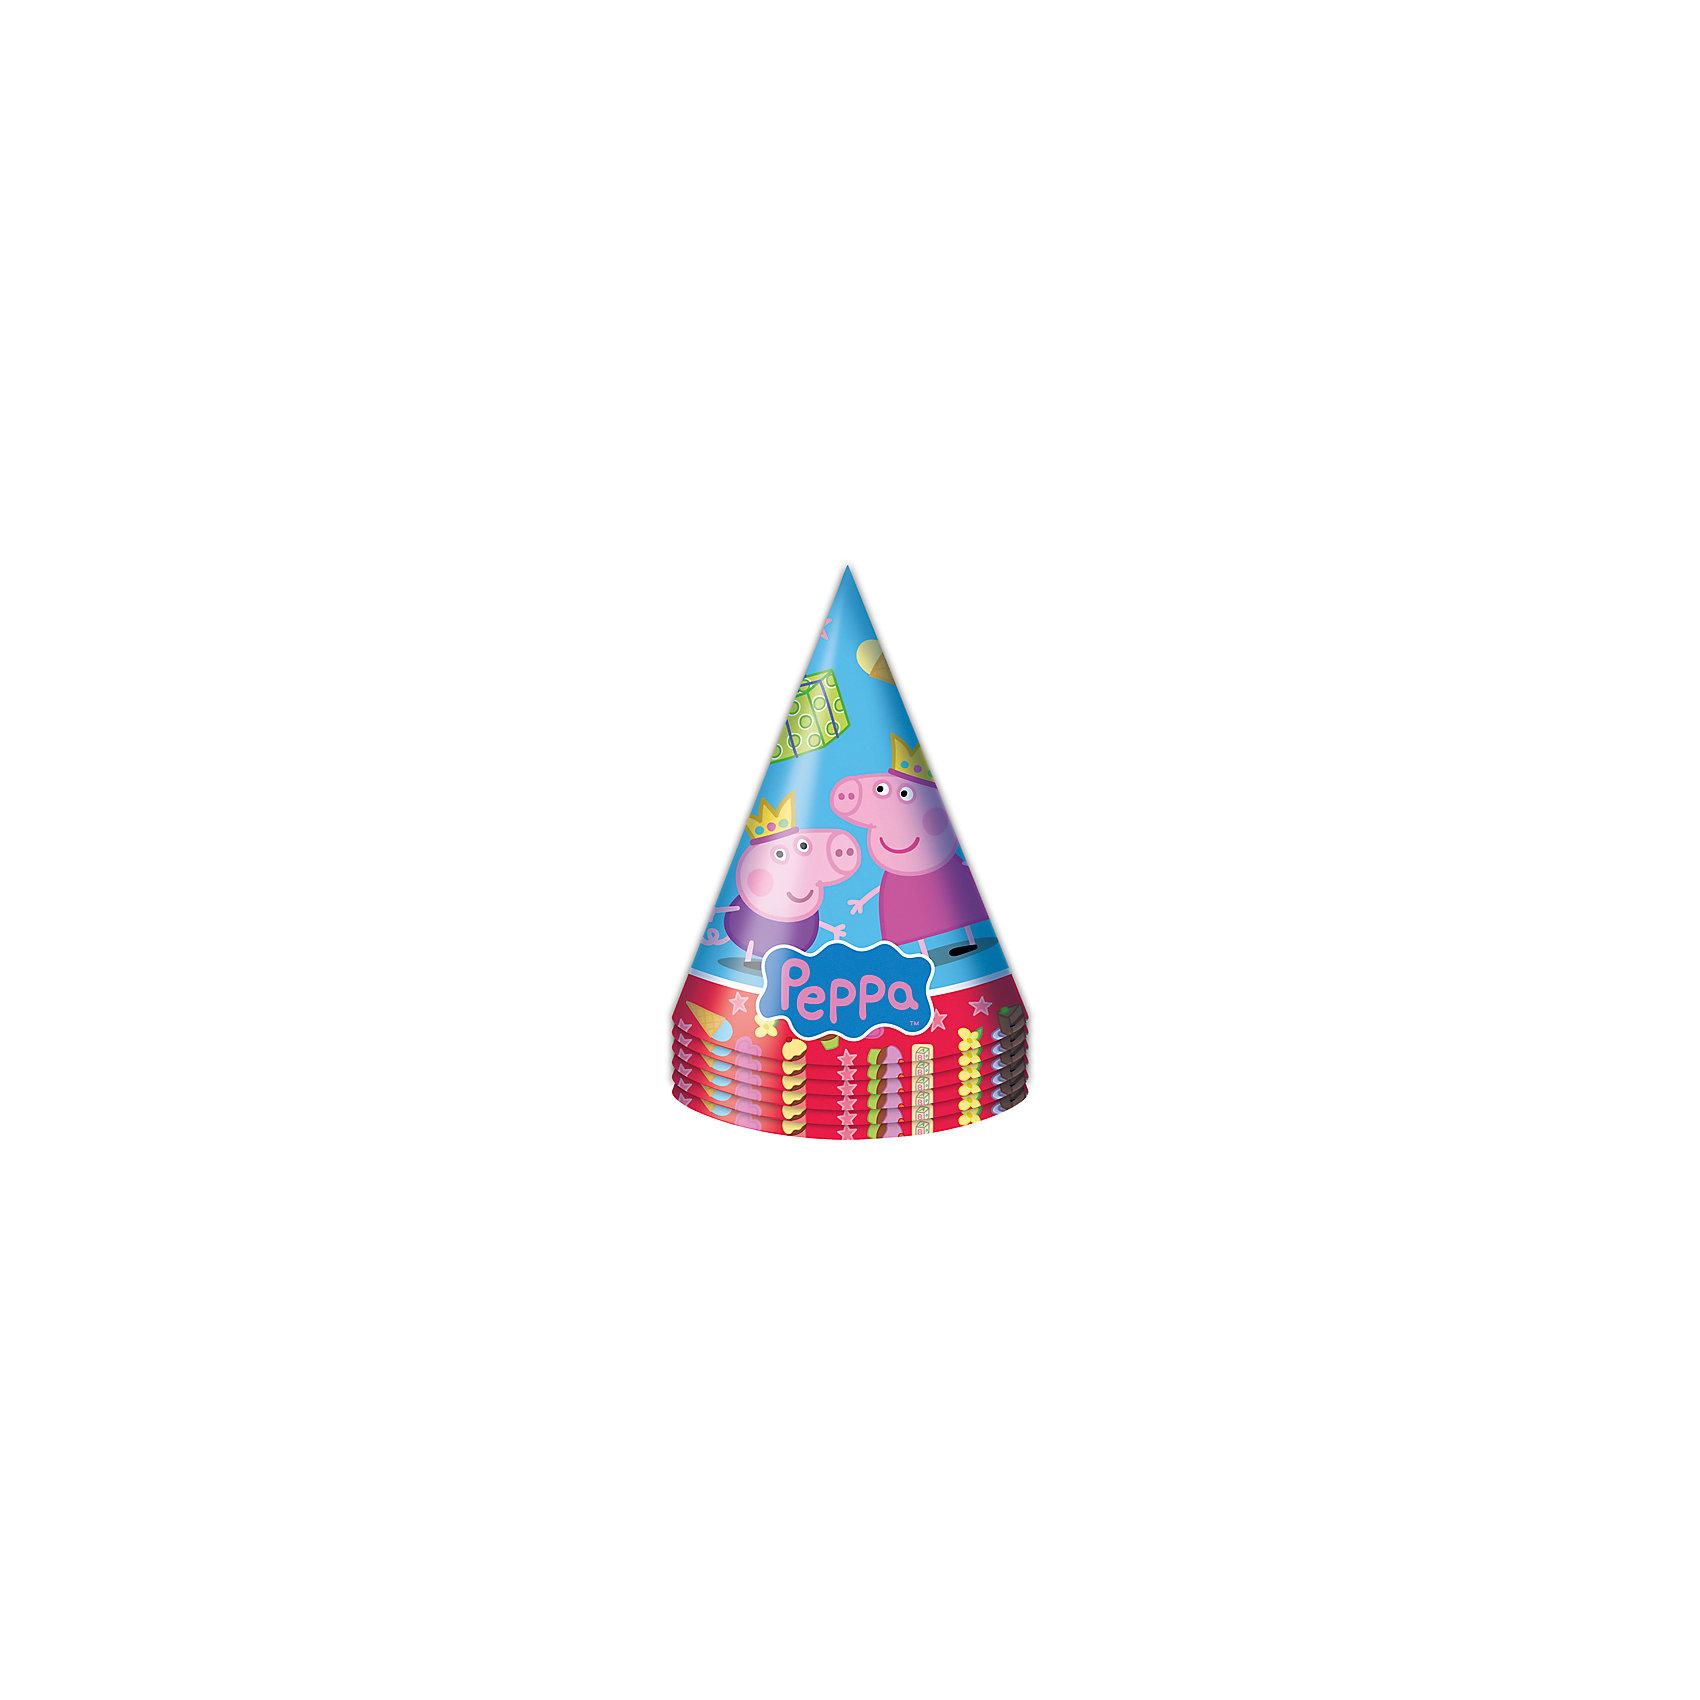 Росмэн Праздничный колпак Пеппа-принцесса, 6 шт росмэн приглашение в конверте пеппа принцесса 6 шт